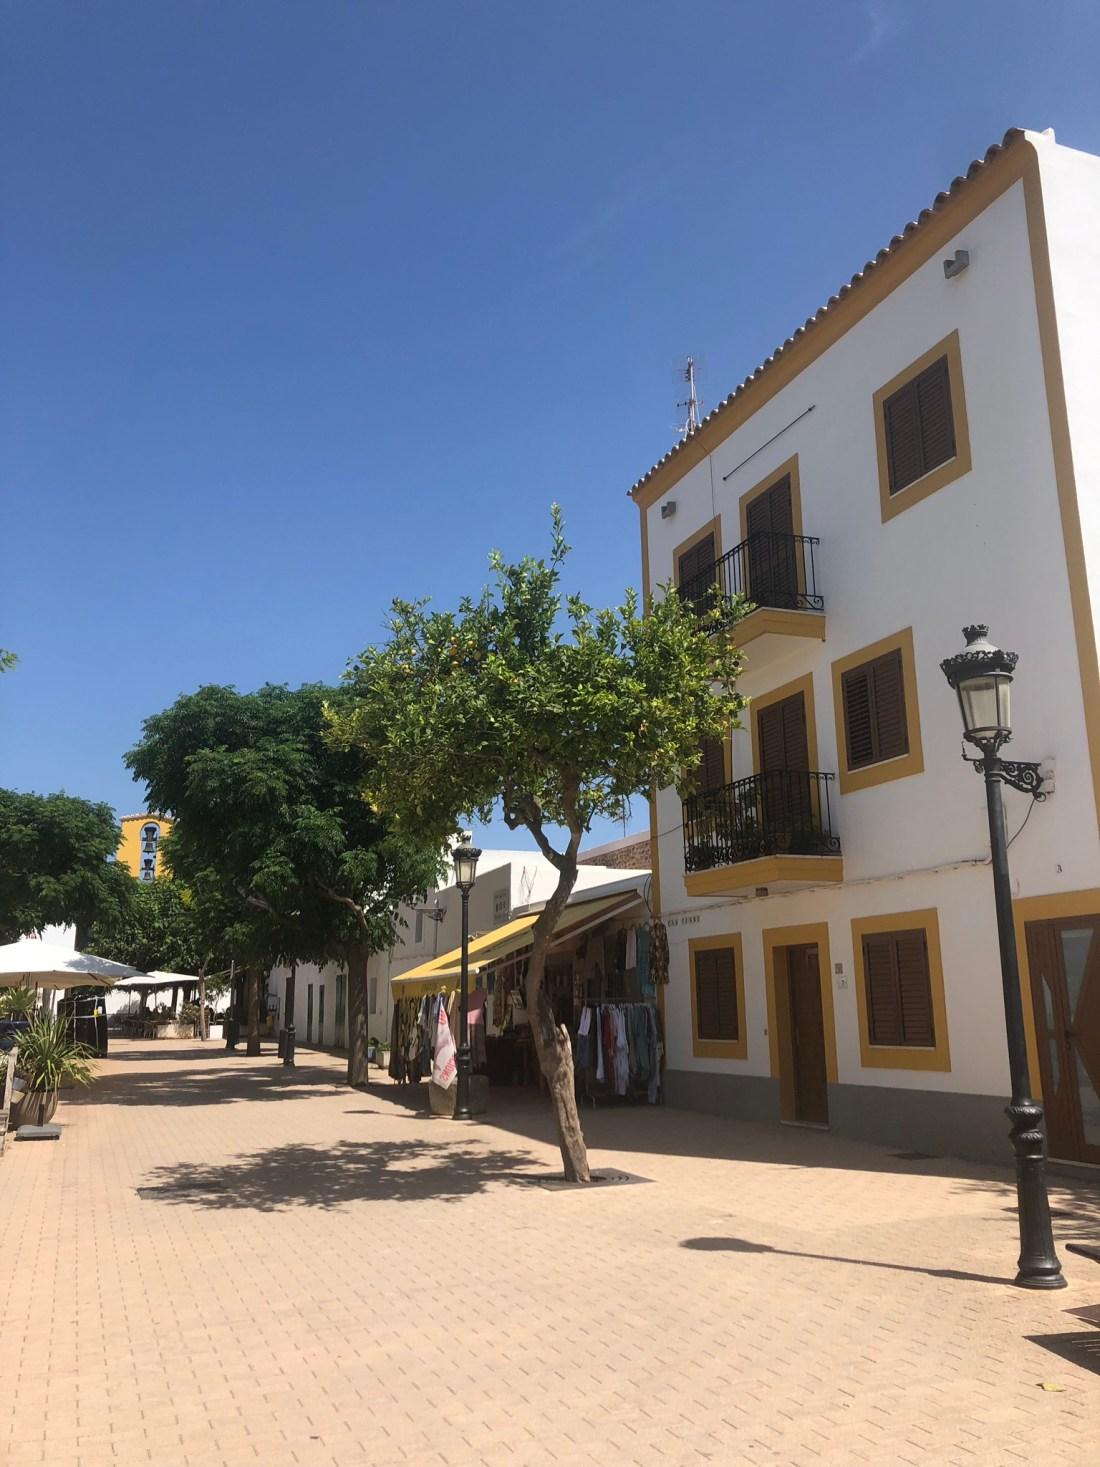 Architecture in Santa Gertrudis, Ibiza